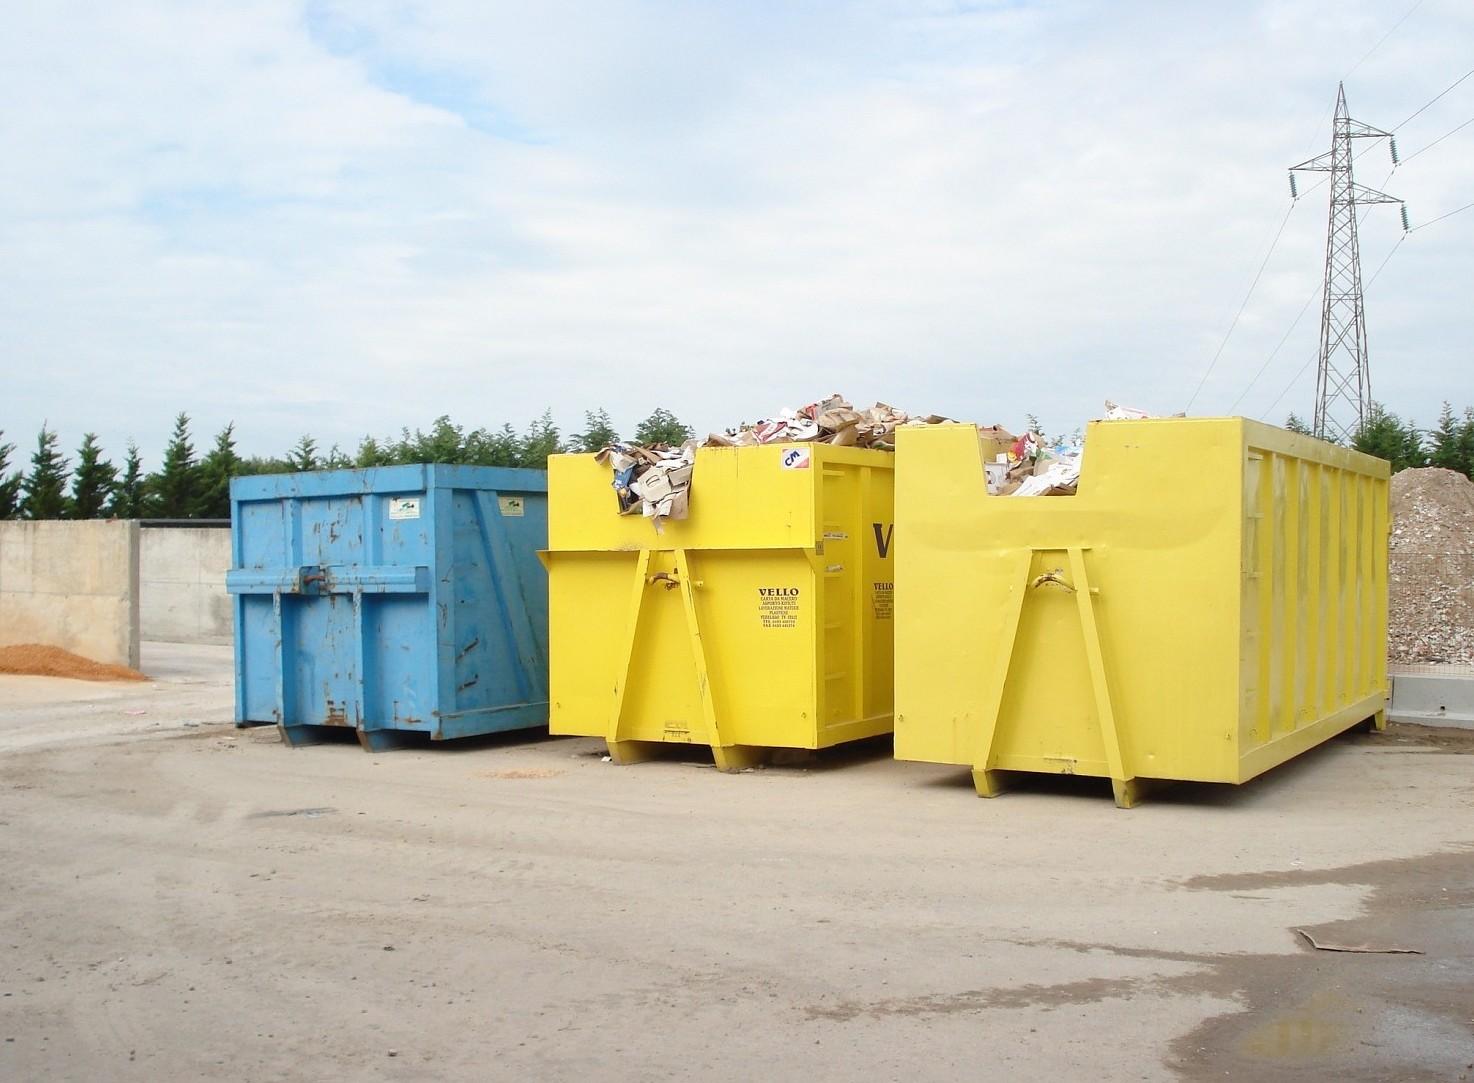 Smaltimento rifiuti speciali: dove andare nella tua città